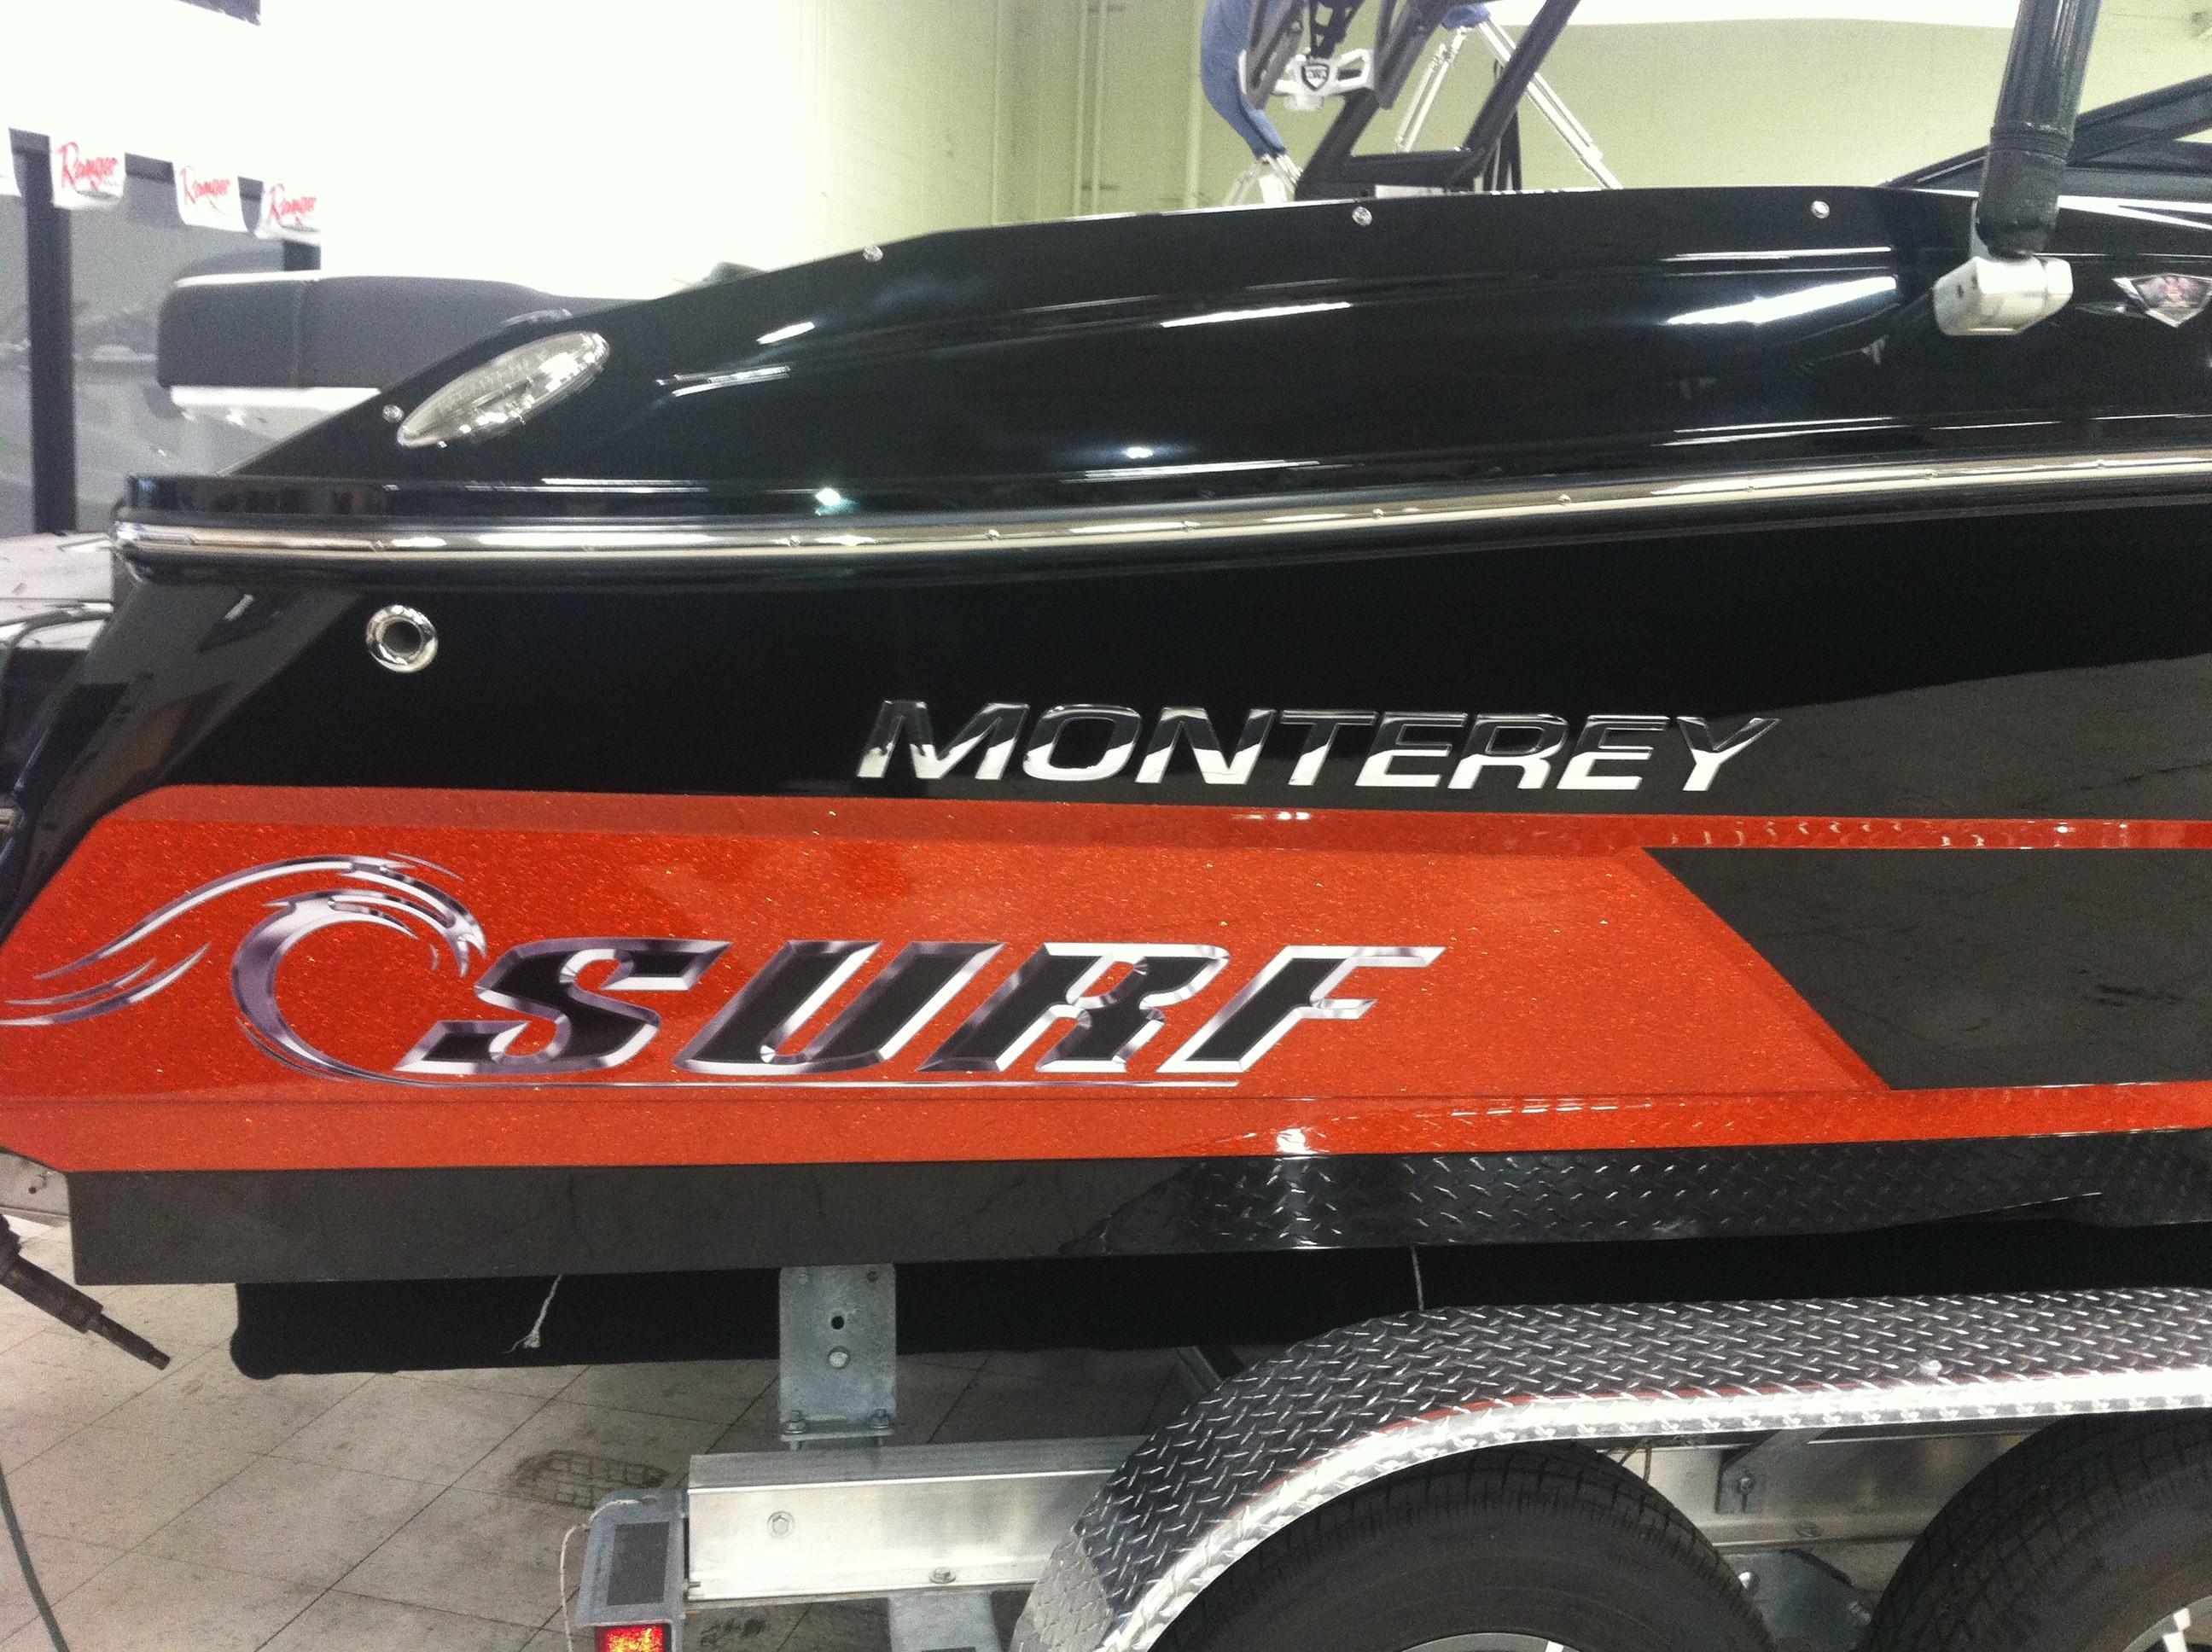 Monterey218 Surf